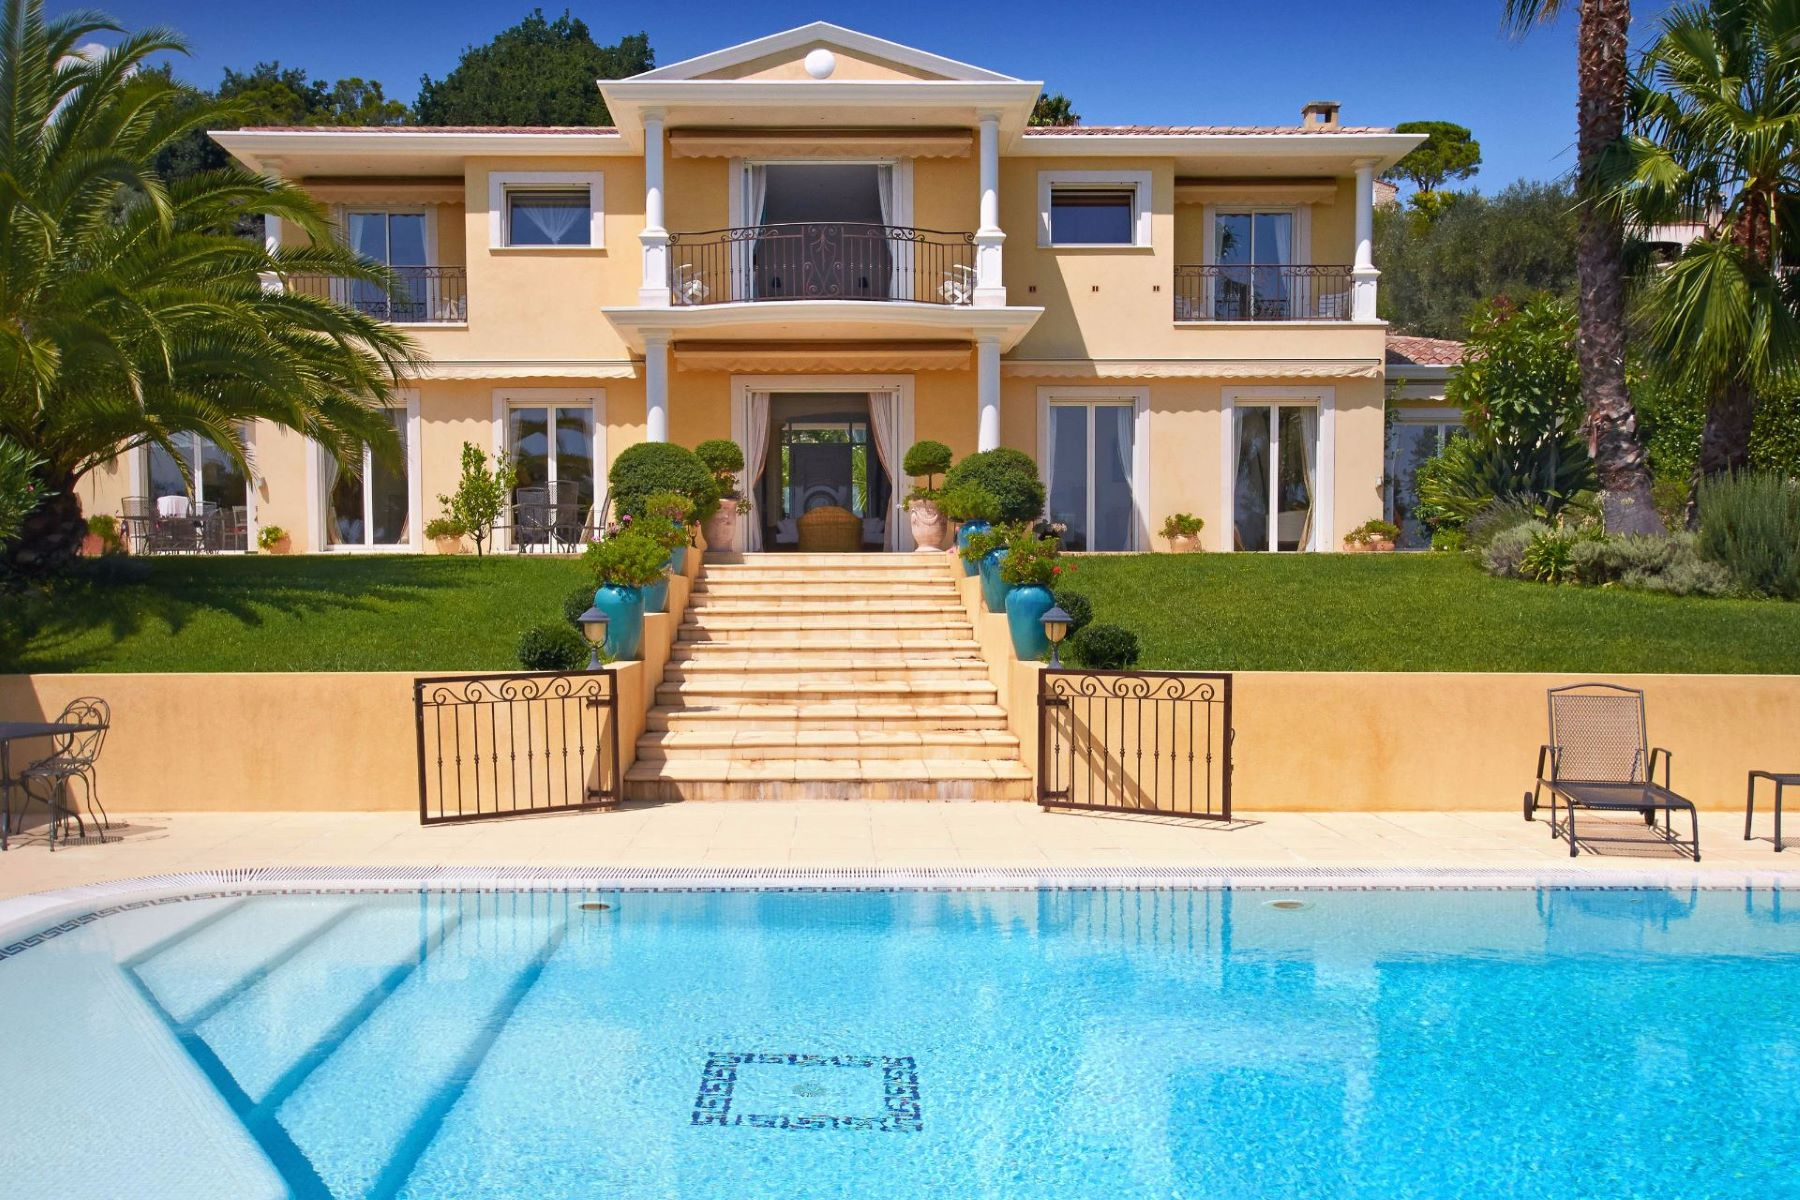 Moradia para Venda às Contemporary house Mougins, Provença-Alpes-Costa Azul, 06250 França